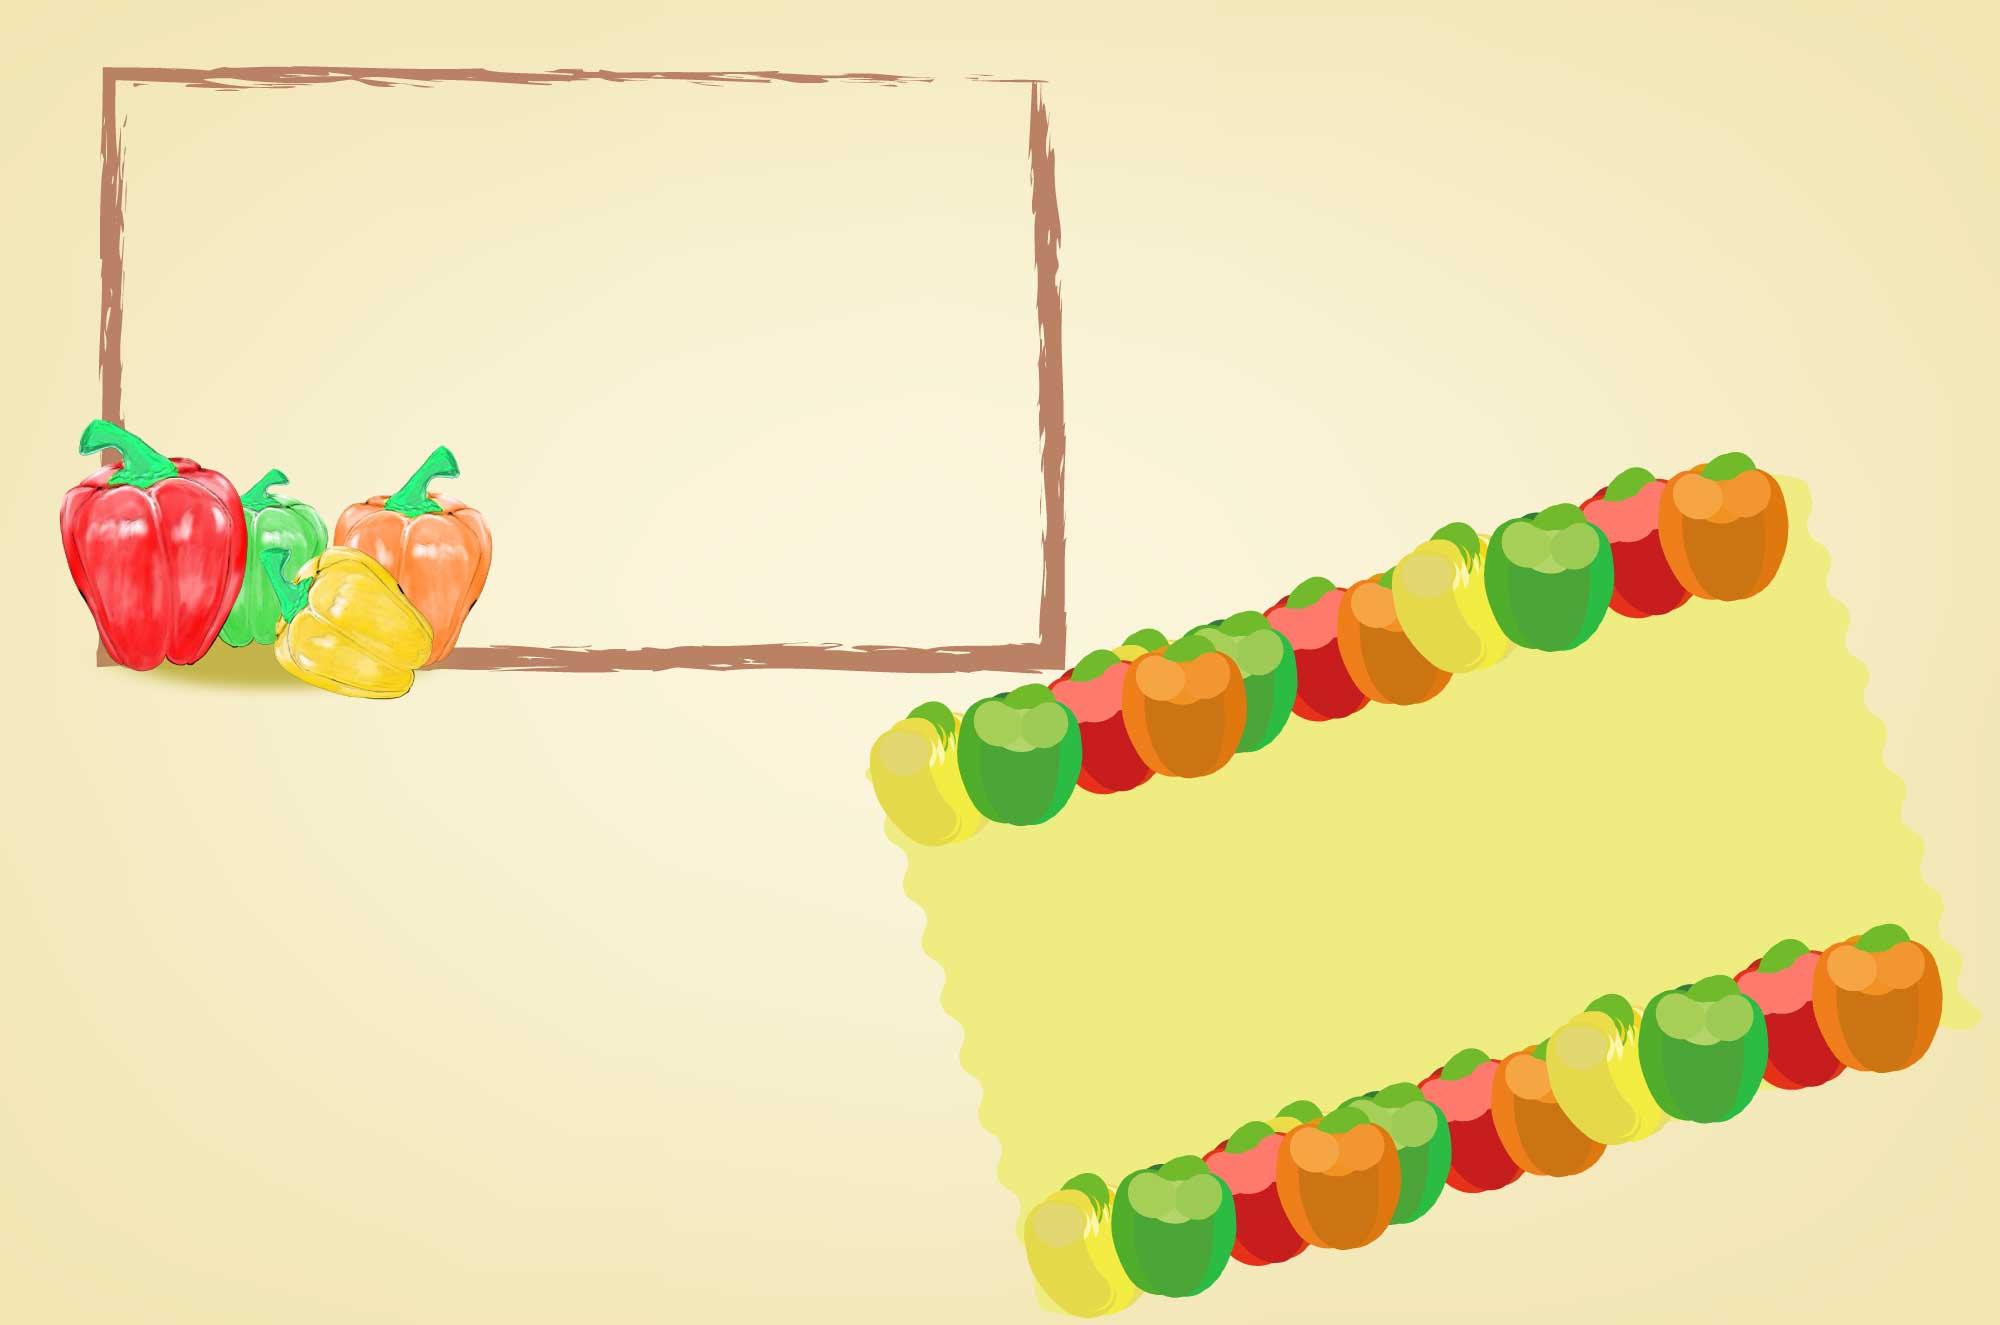 パプリカのフレーム・枠 - カラフルな彩野菜デザイン